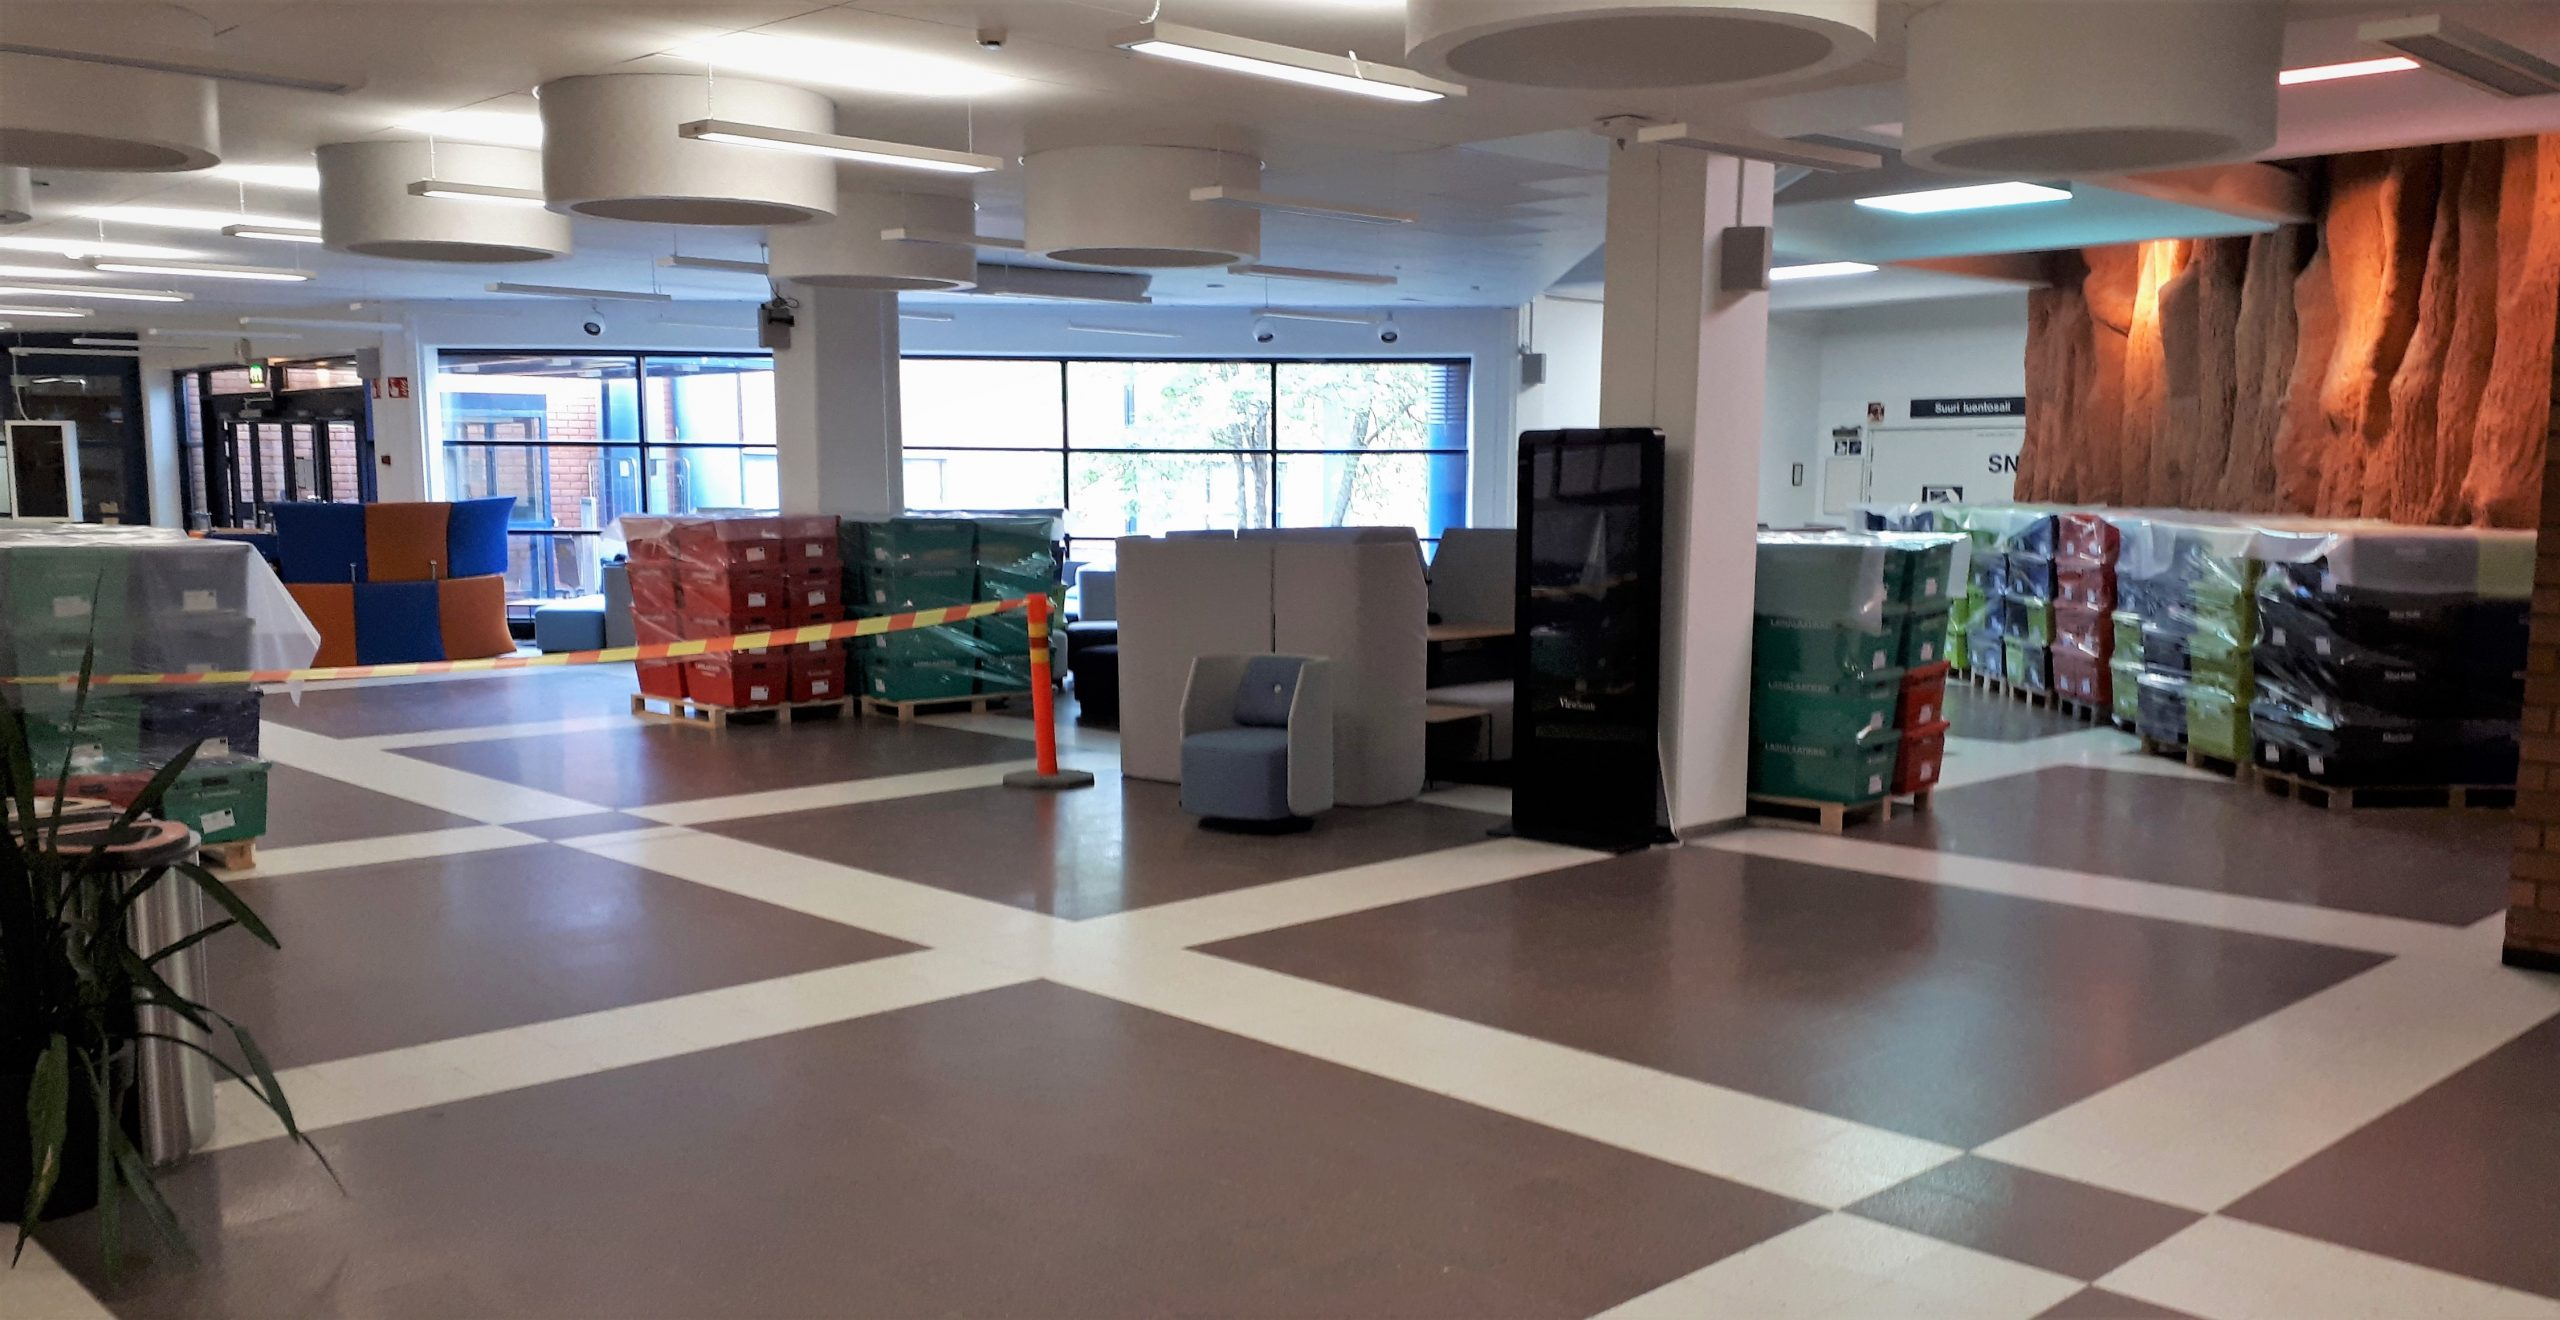 Kirjalaatikkolavoja yliopiston pääaulassa.